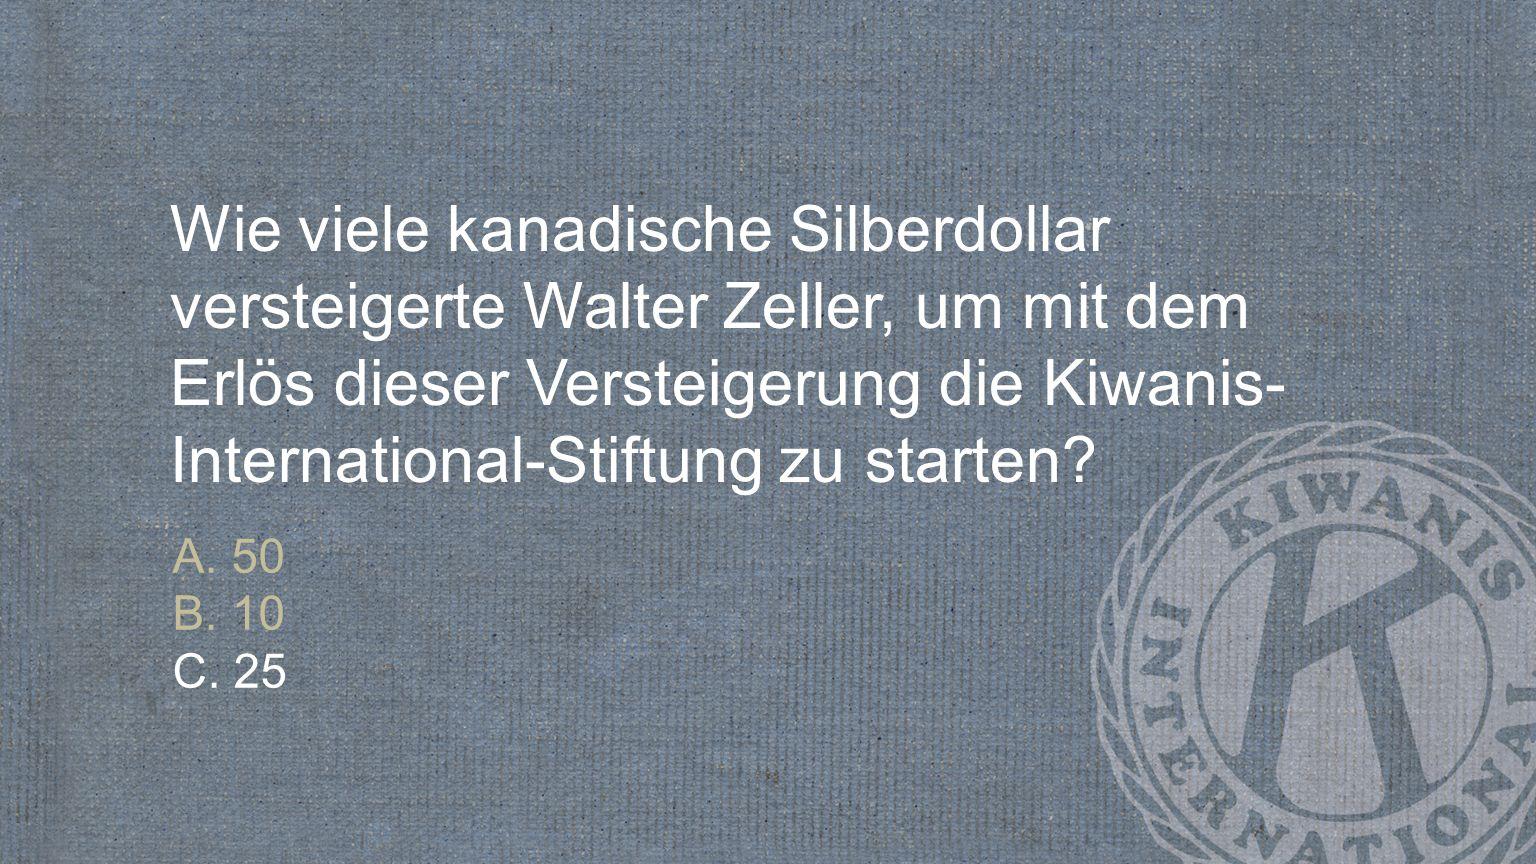 Wie viele kanadische Silberdollar versteigerte Walter Zeller, um mit dem Erlös dieser Versteigerung die Kiwanis-International-Stiftung zu starten